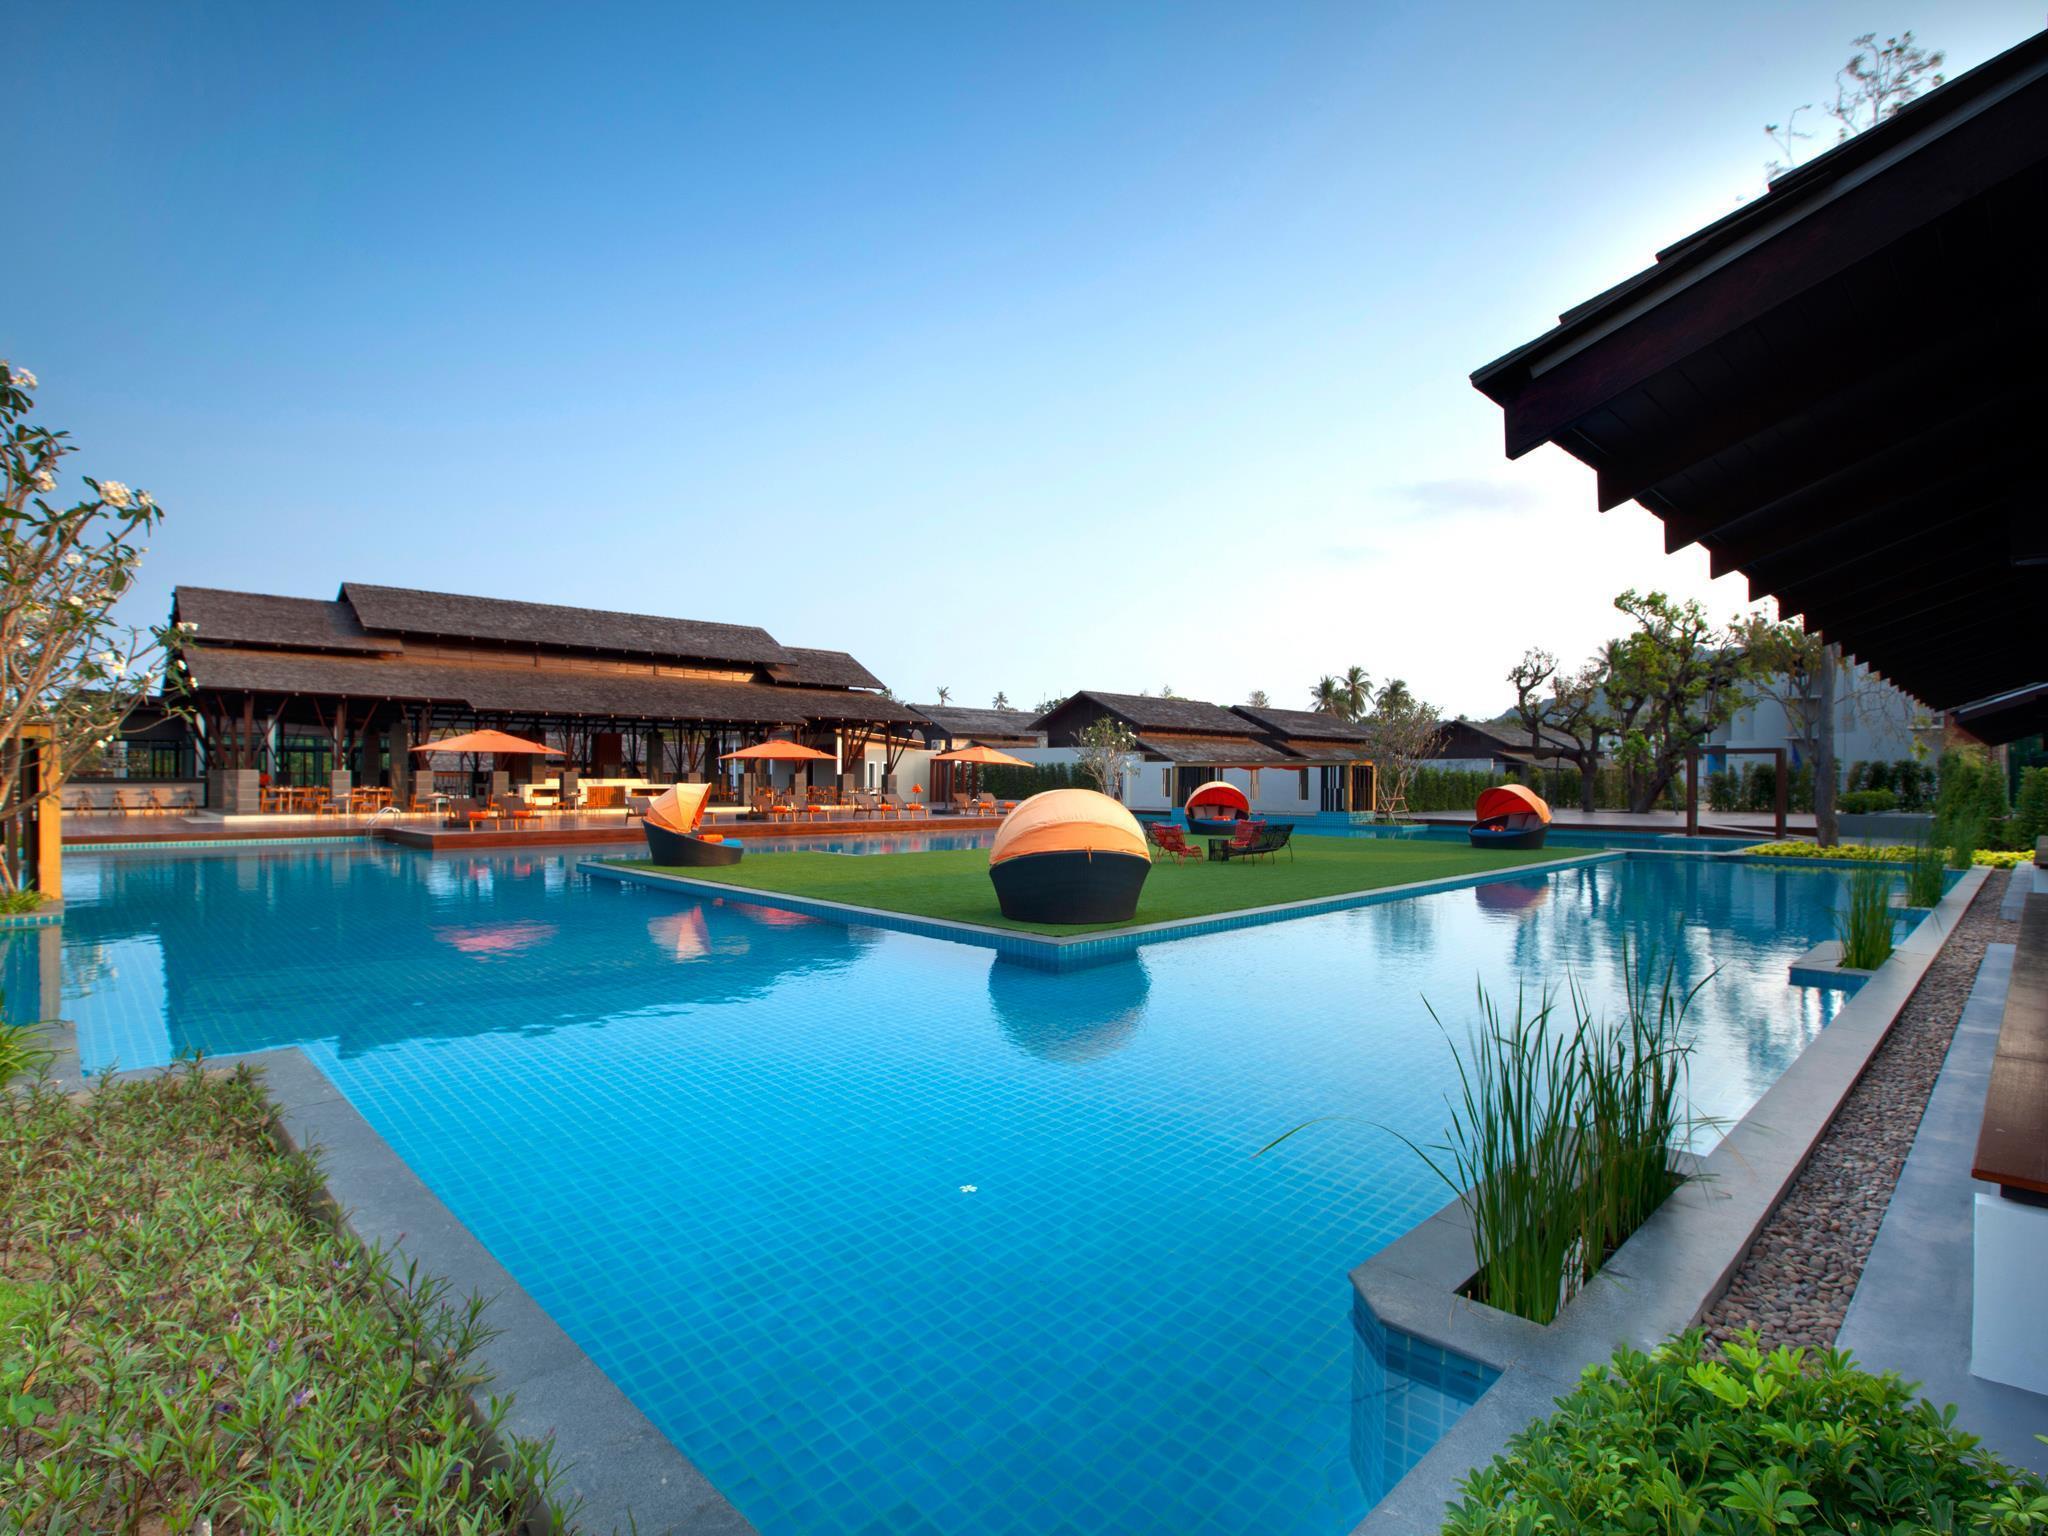 BayWater Resort Koh Samui - Koh Samui